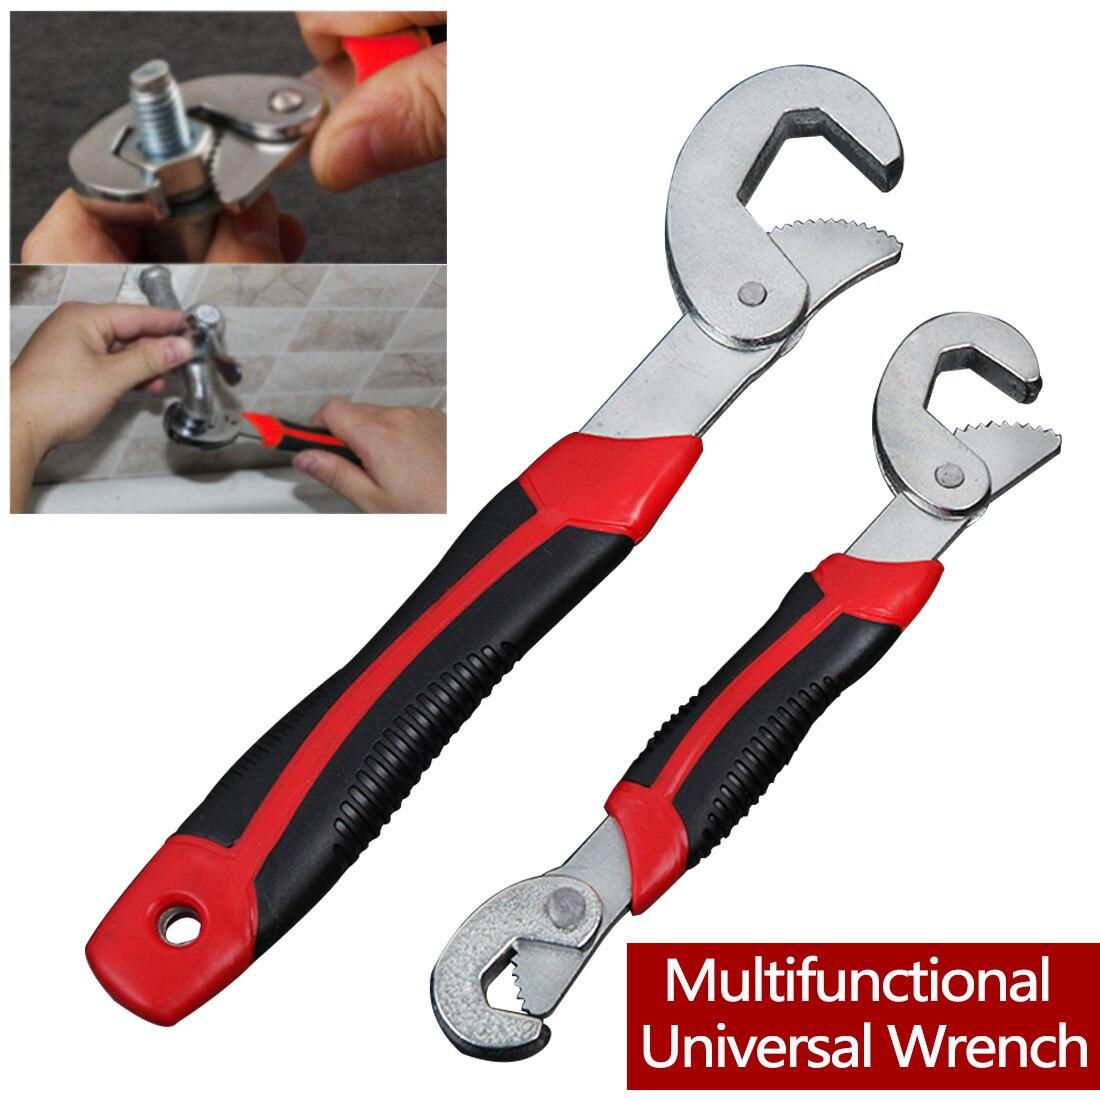 Universelle Multifunktions Schraubenschlüssel 8-32mm Ratsche Schraubenschlüssel Handwerkzeuge Einstellbarer Griff Wrench Set